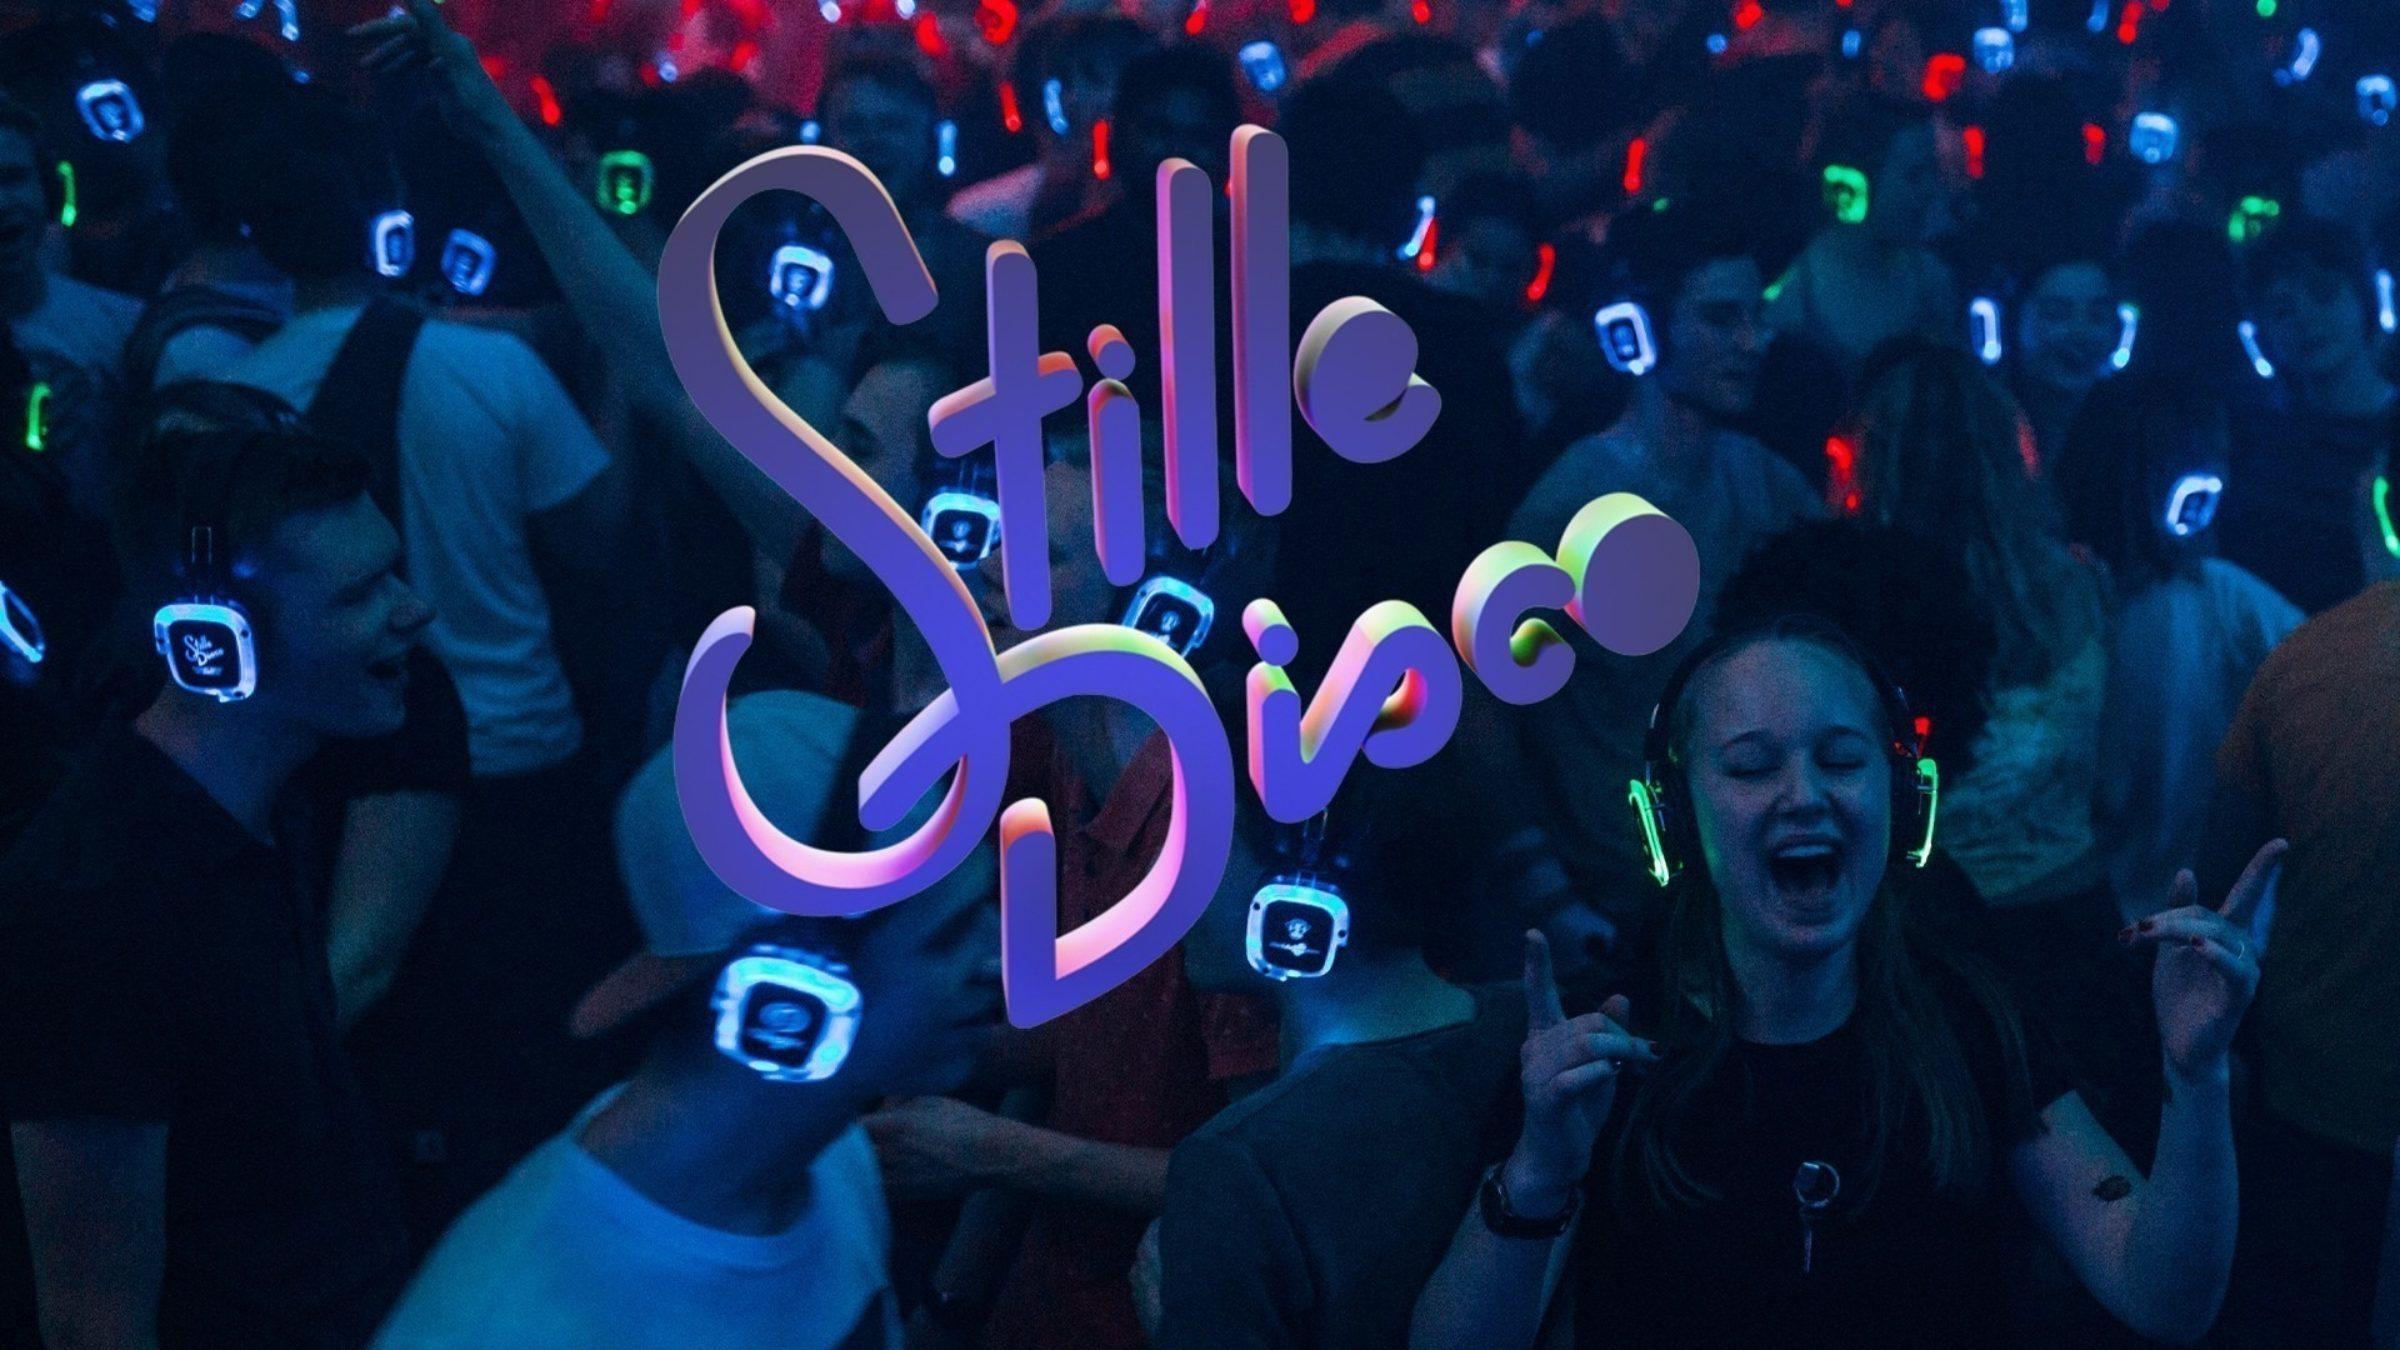 Stille disco enschede 3239 1561037849 35hxjg5uv8